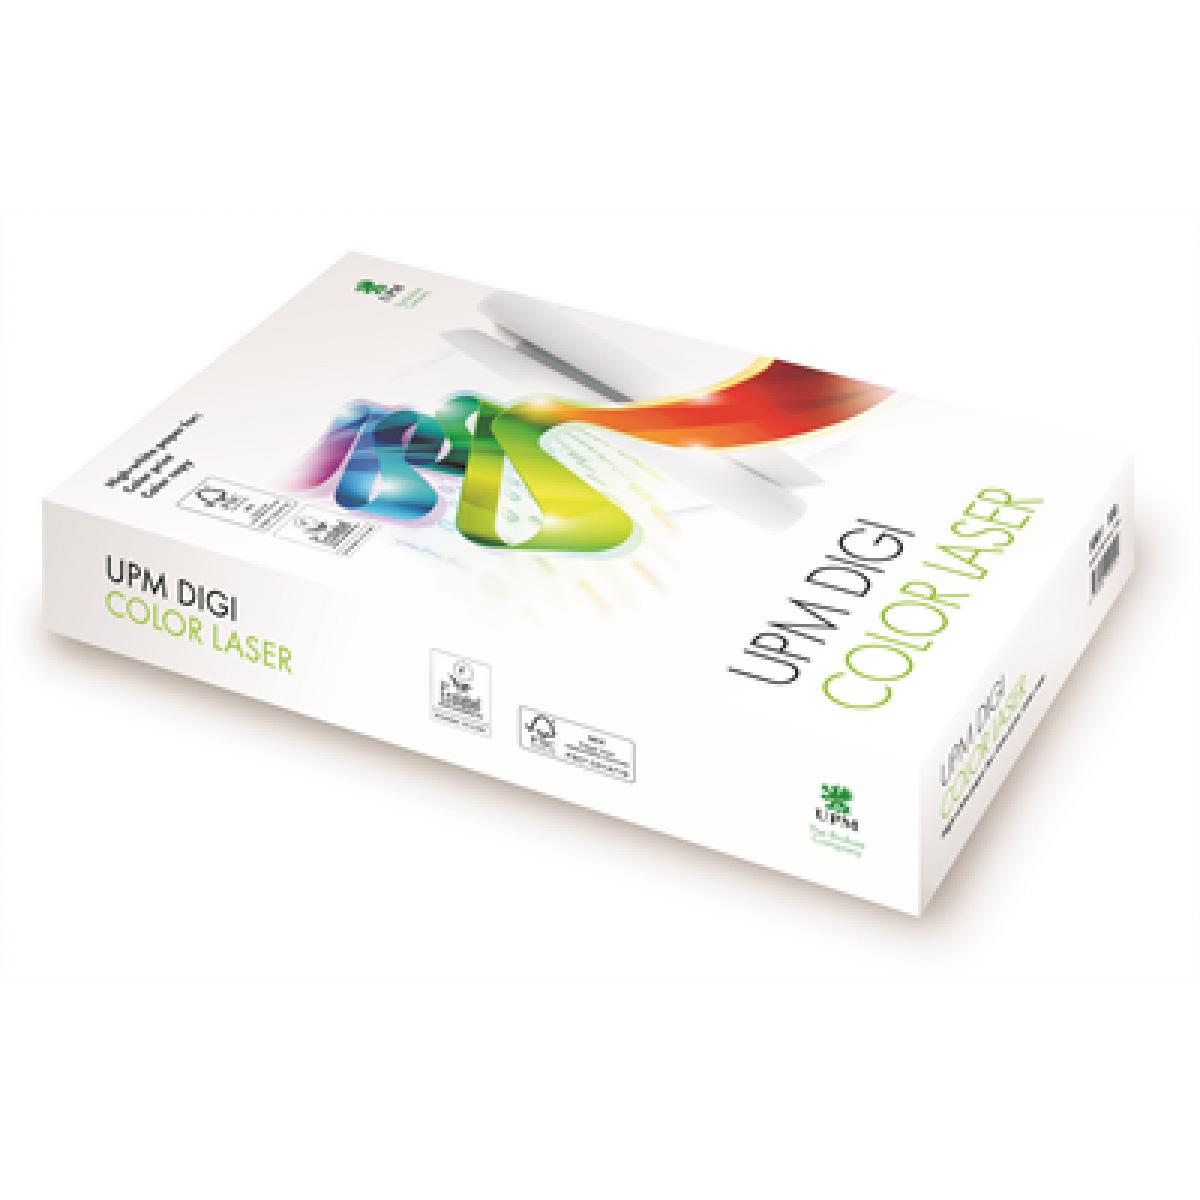 Бумага Digi Color Laser A4 160гр./м2., 250листов